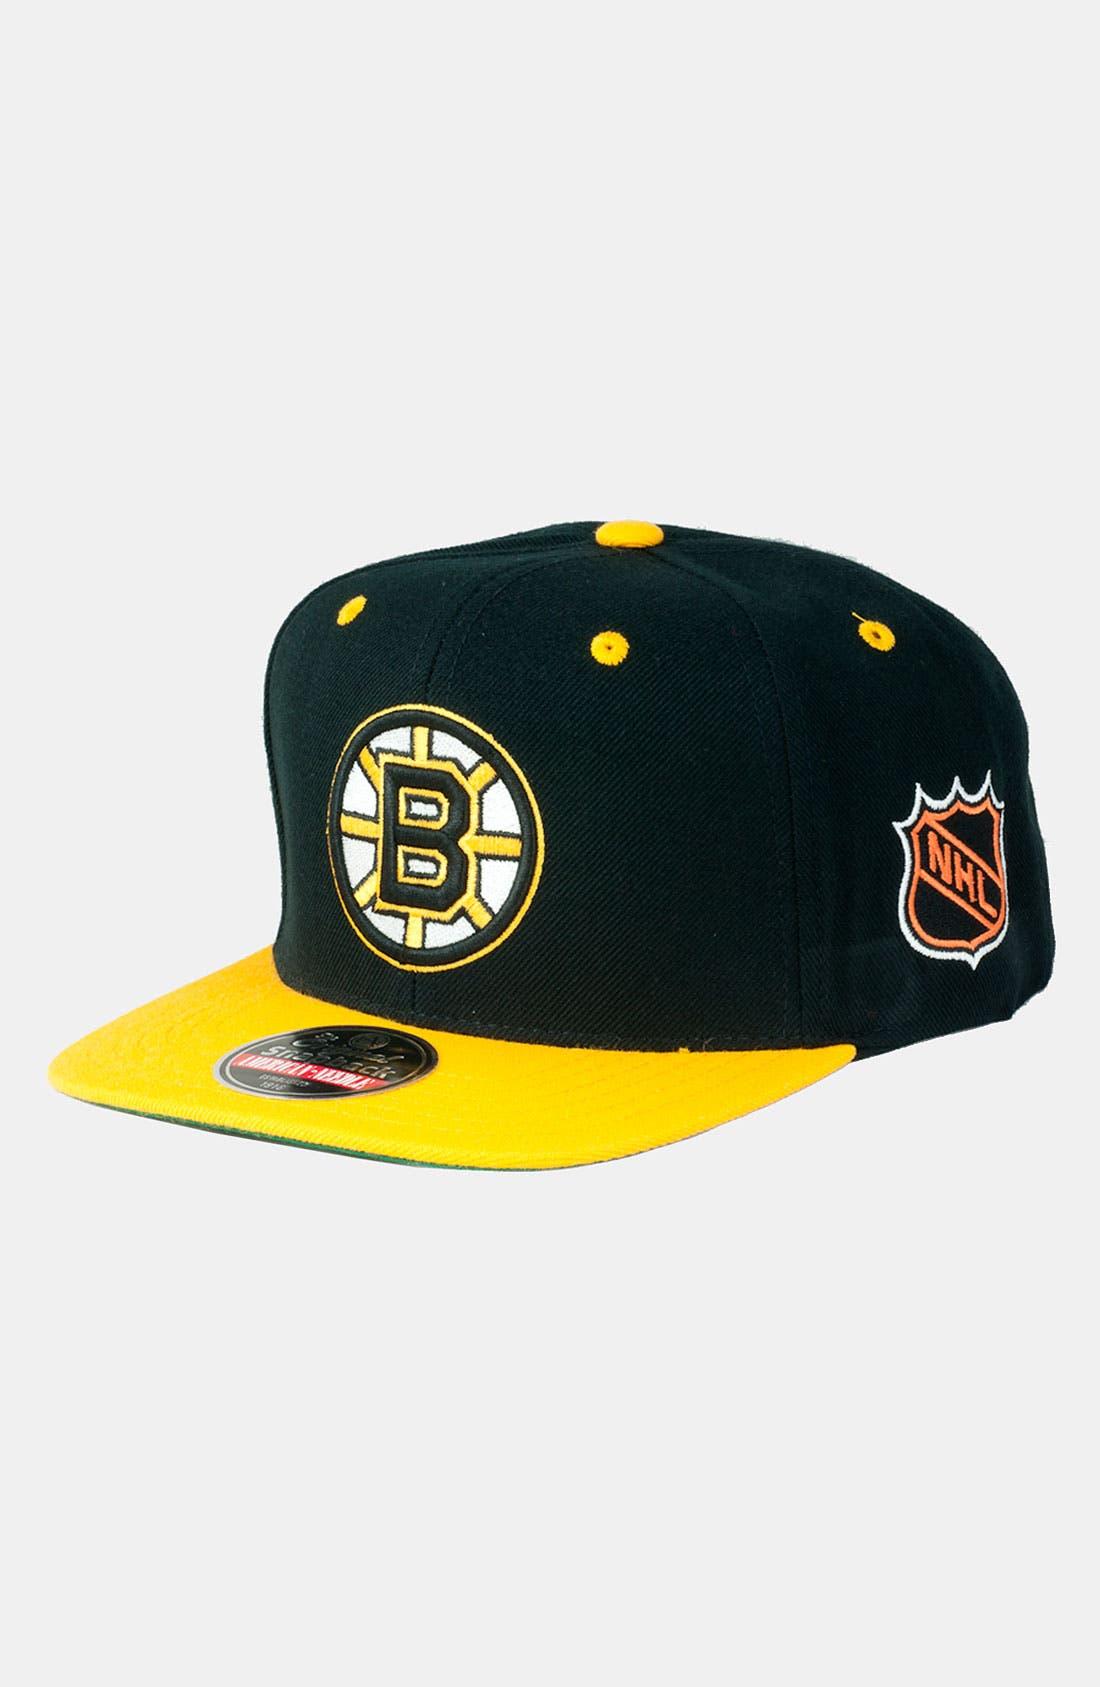 Main Image - American Needle 'Bruins - Blockhead' Snapback Baseball Cap